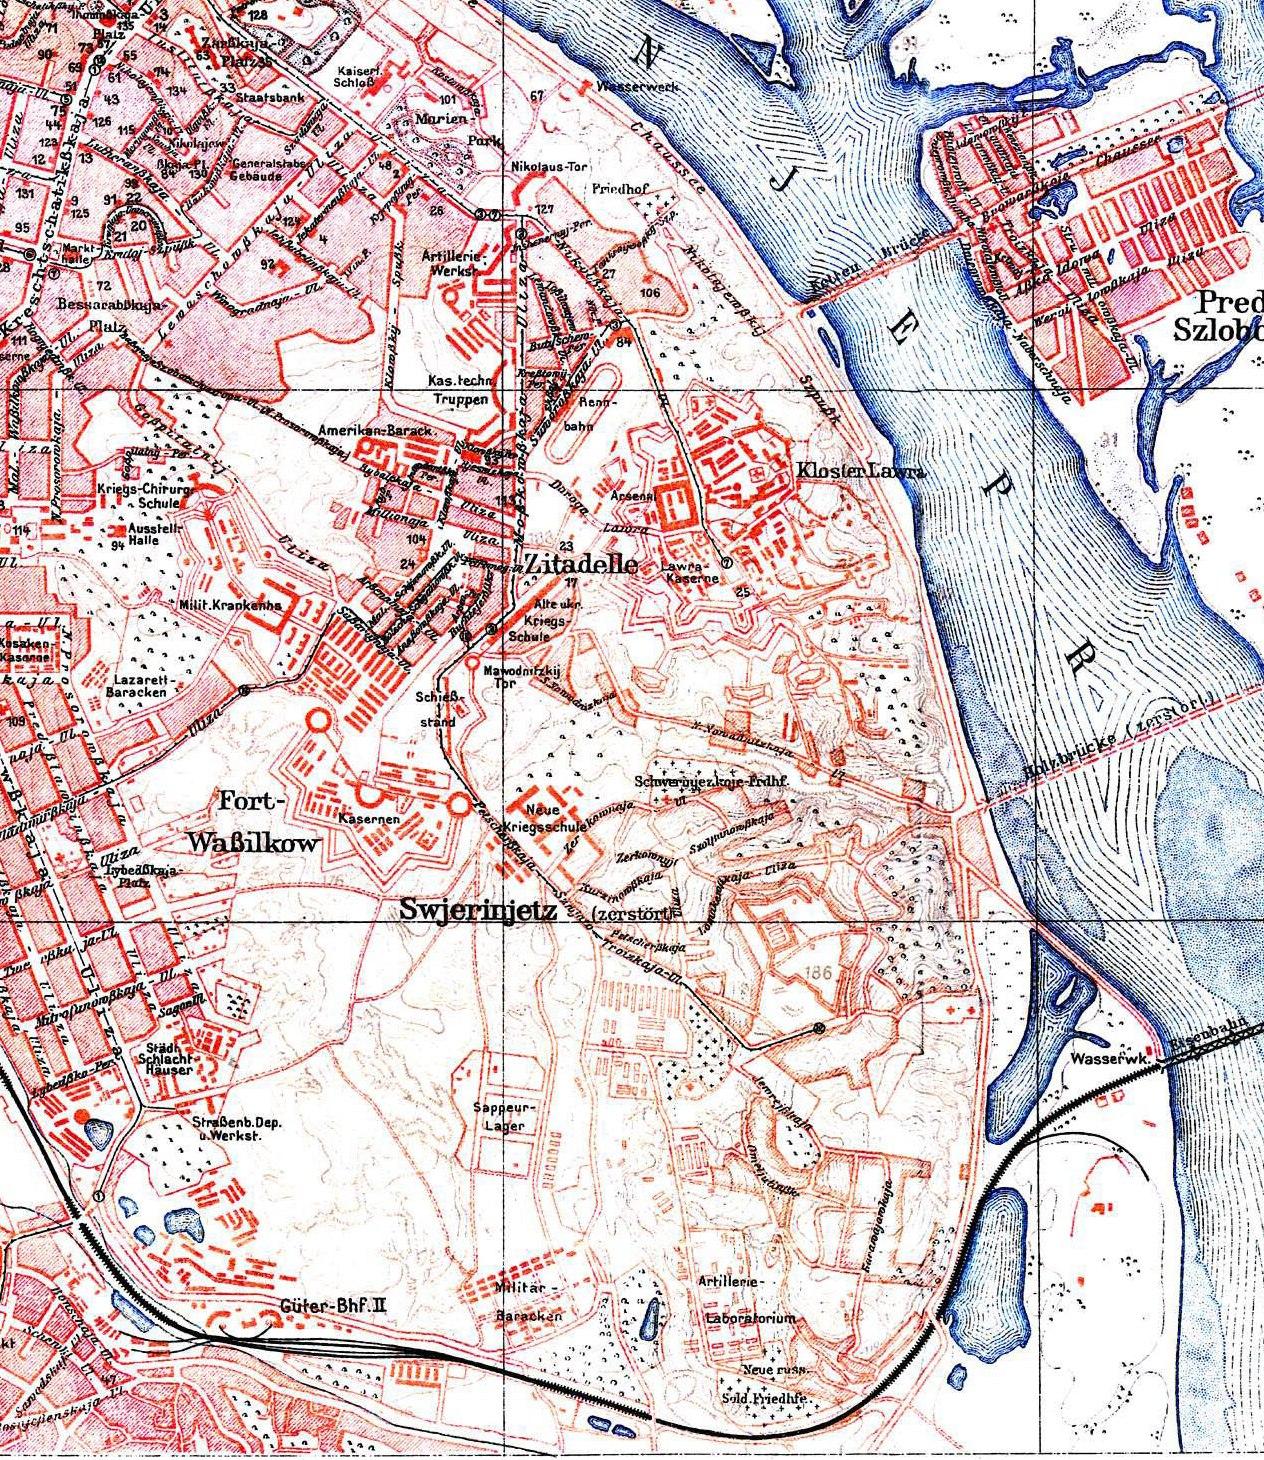 Фрагмент німецької мапи Києва 1918 р. По обидва боки залізниці видно місце розташування відстійників на Звіринці